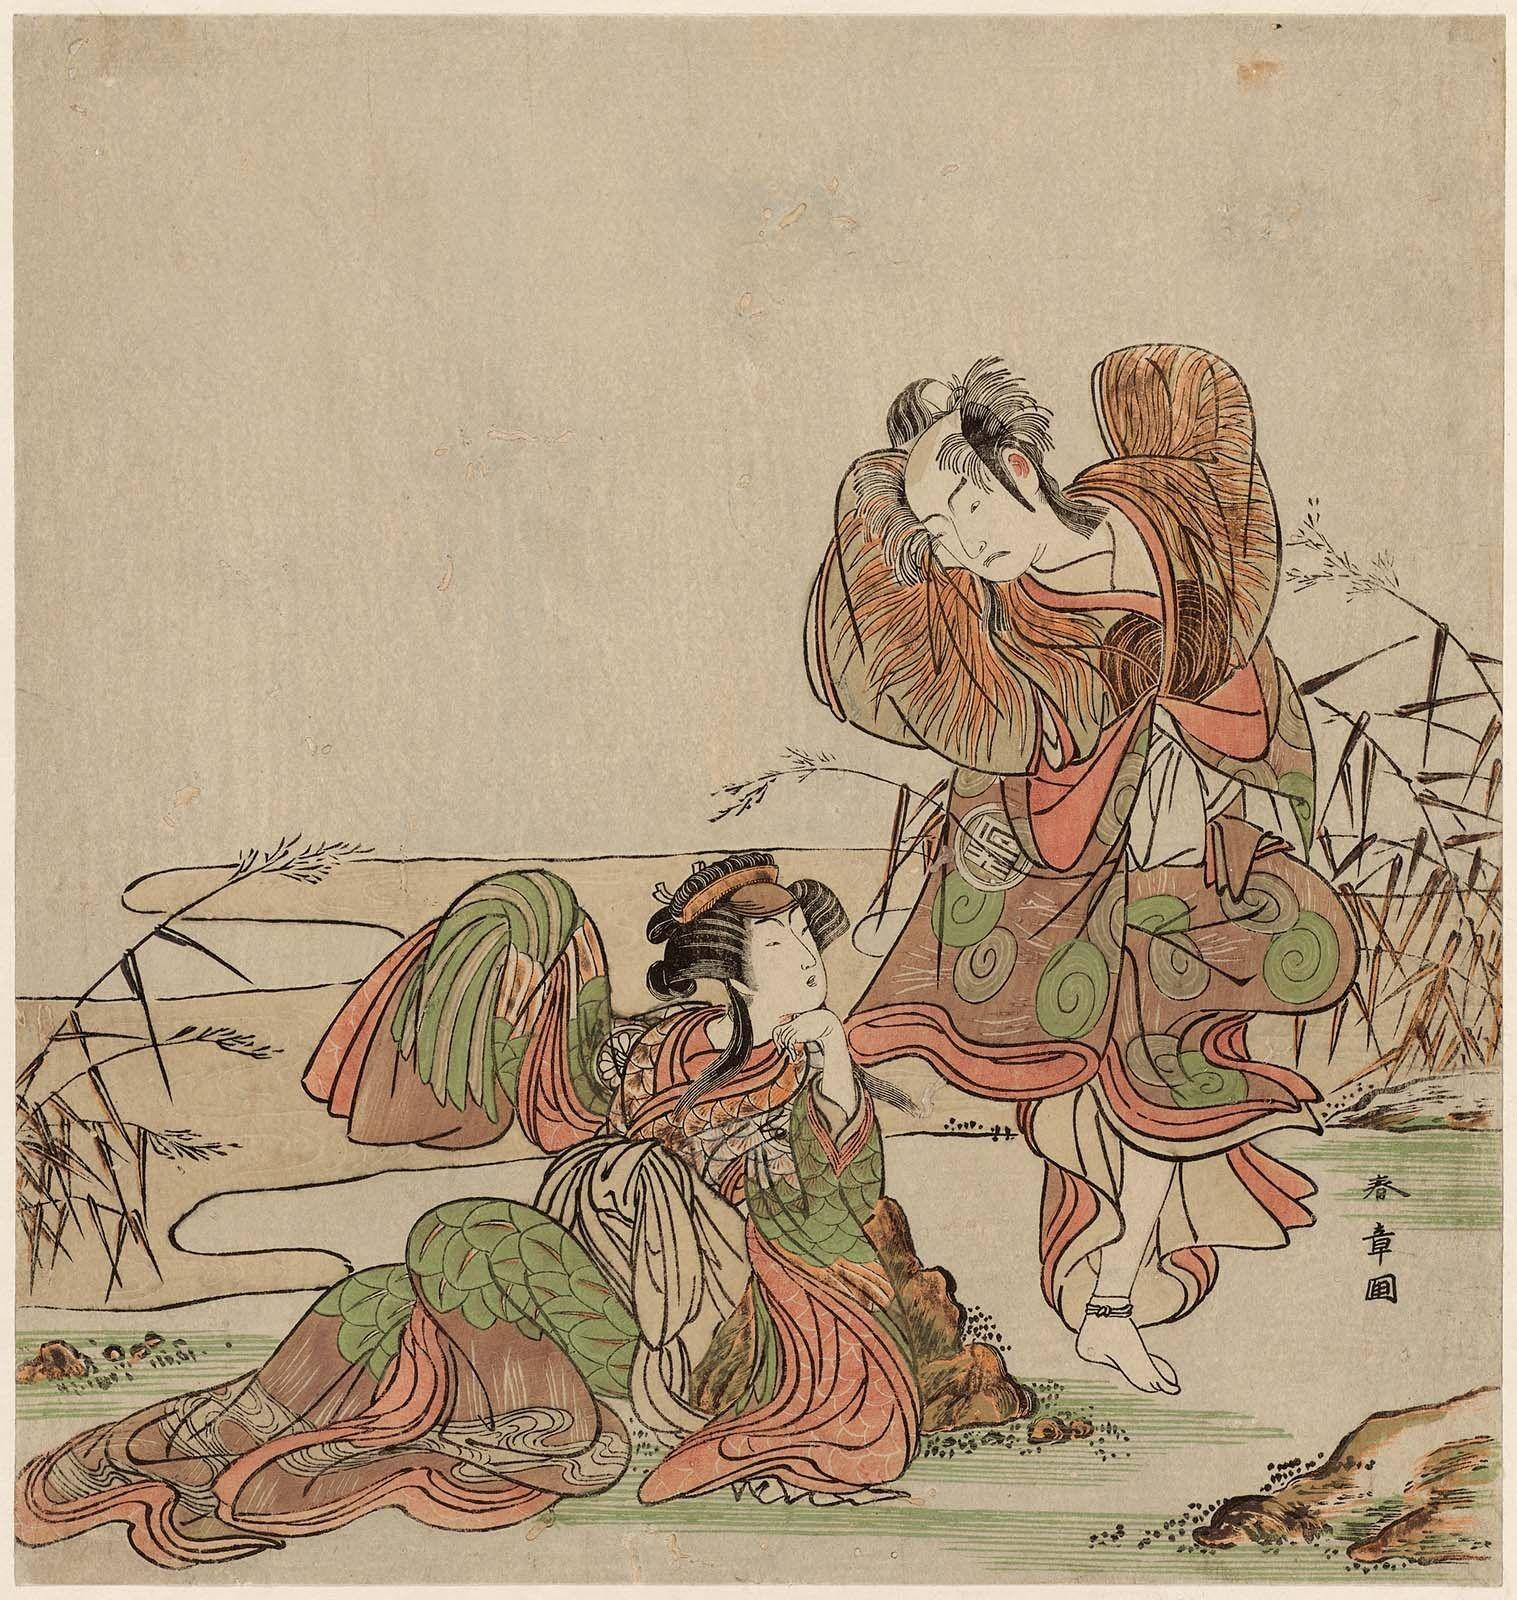 二代目嵐三五郎と三代目瀬川菊之丞の鴛鴦 浮世絵 勝川 作品